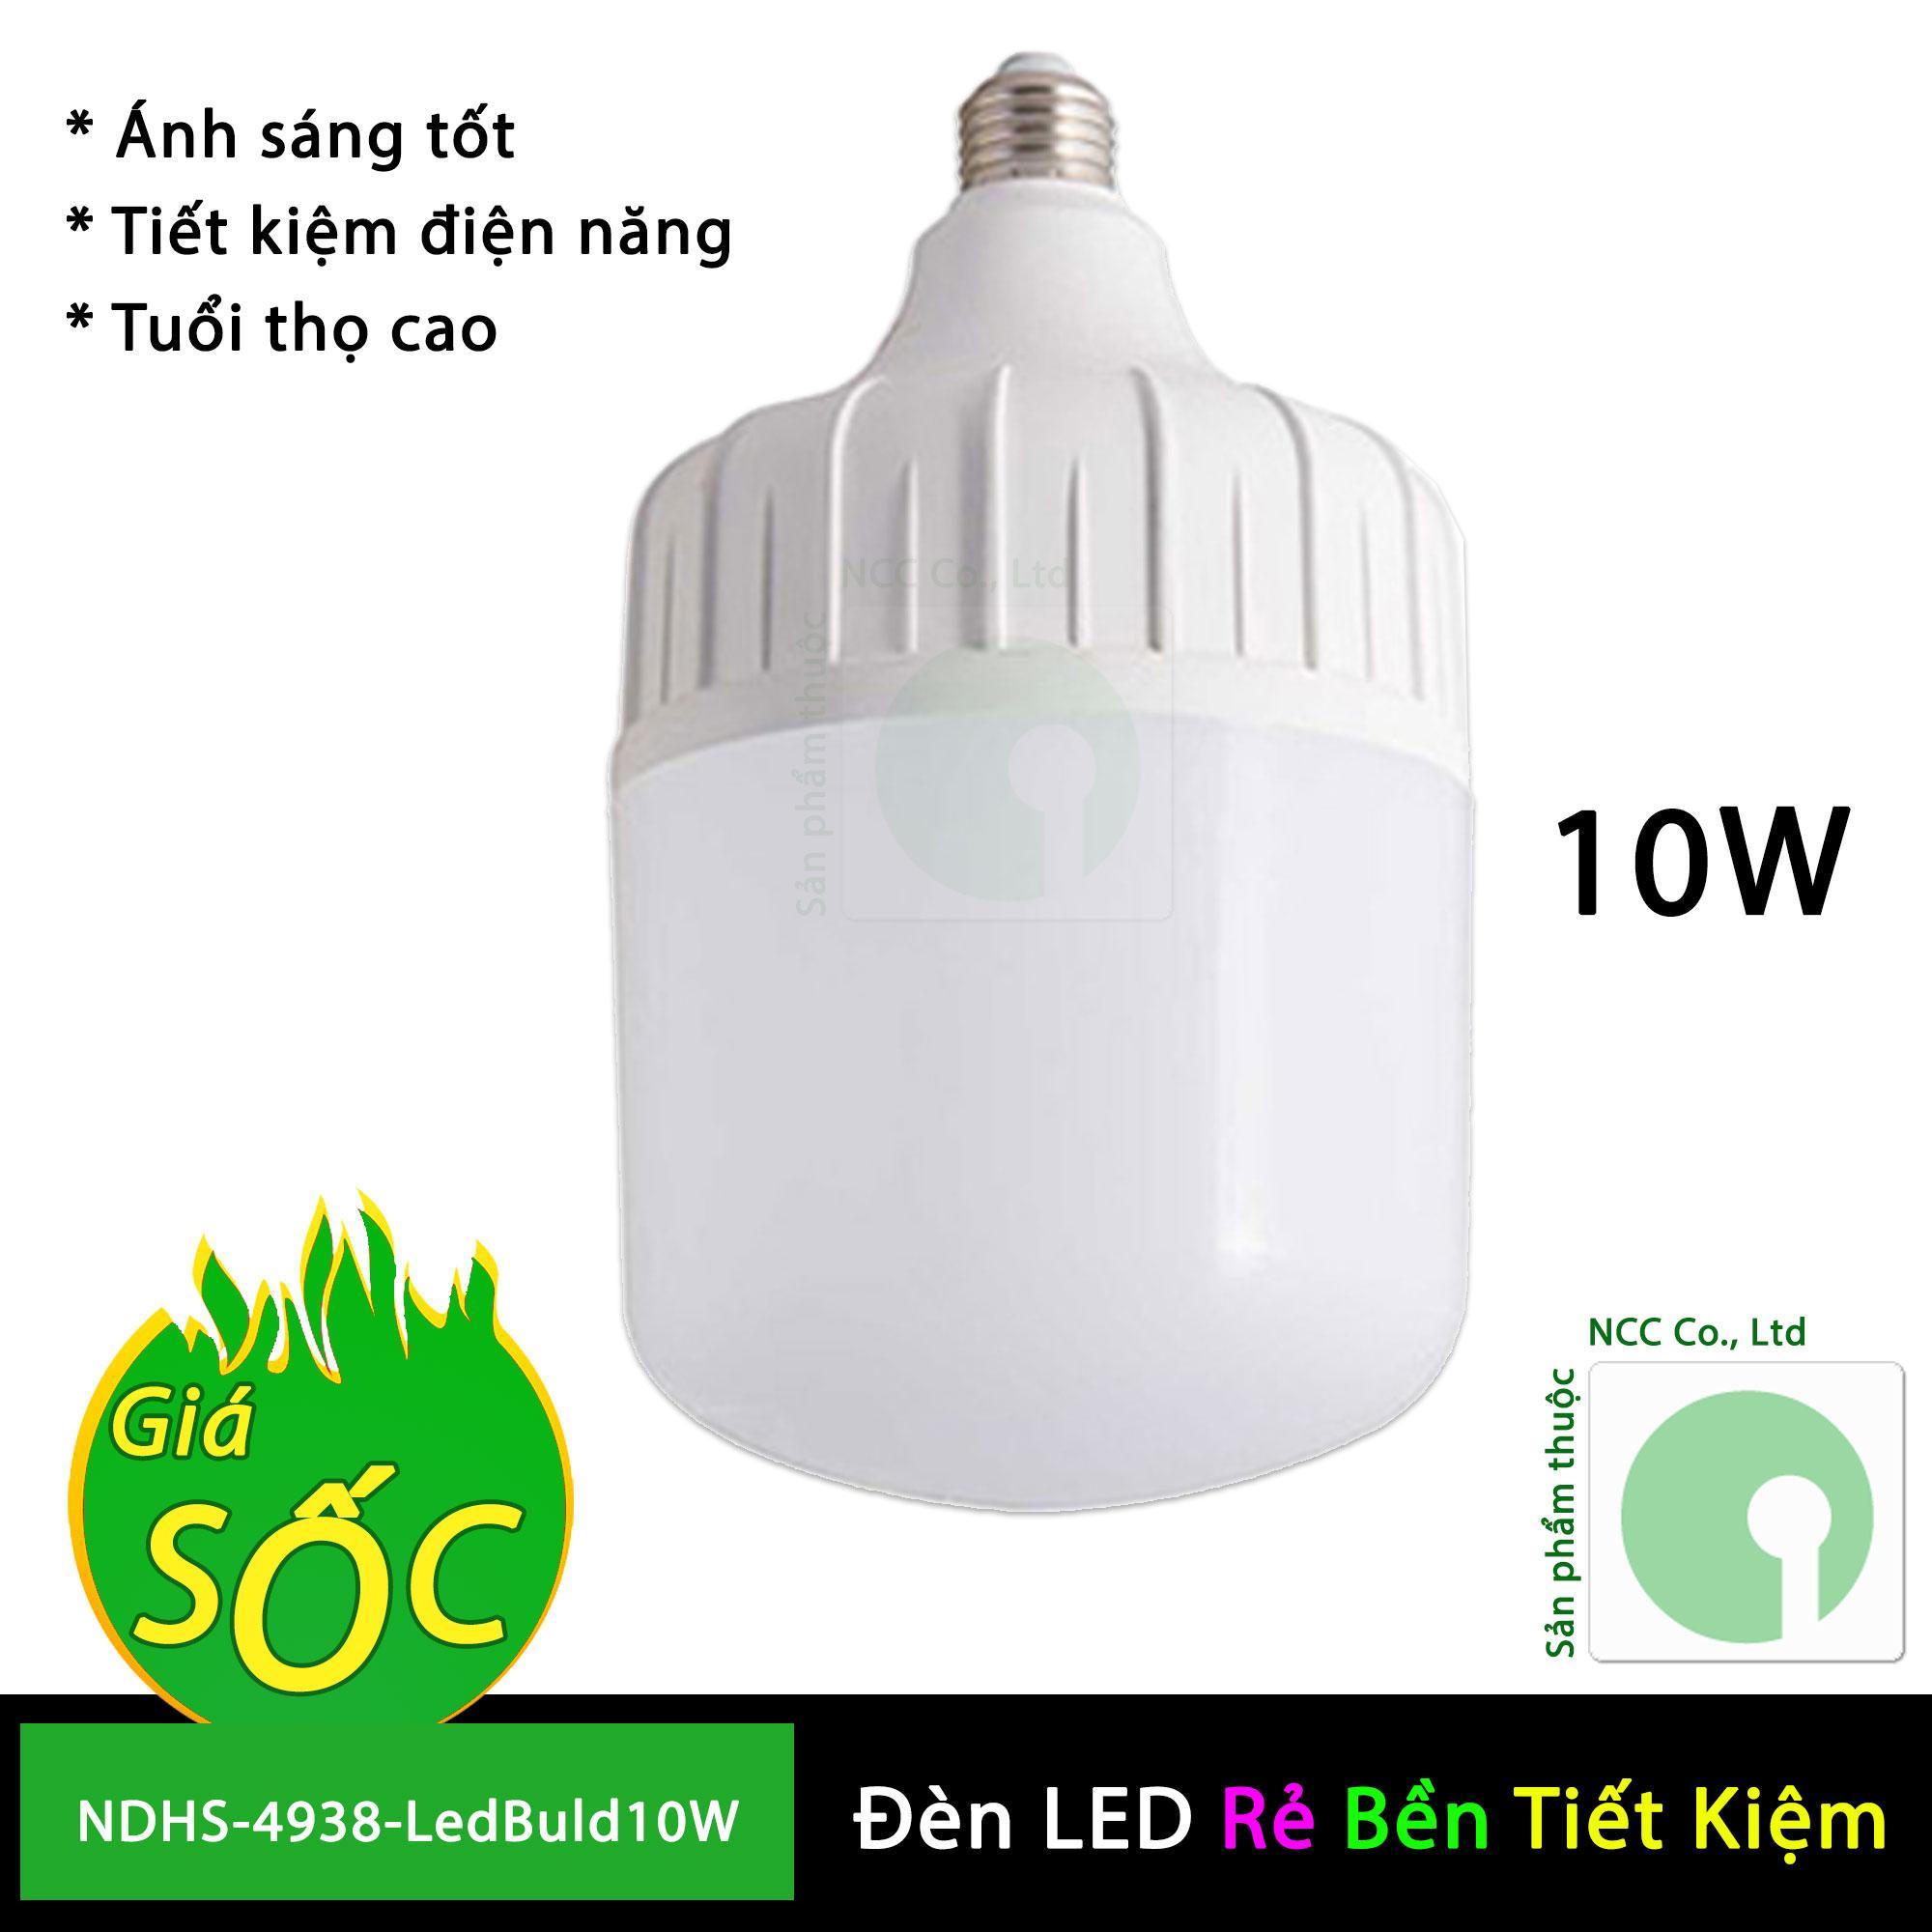 Bóng đèn Led Buld 40W - Led trụ tiết kiệm điện dành cho gia đình và công trình - NDHS-4389-LedBuld40W (Trắng)